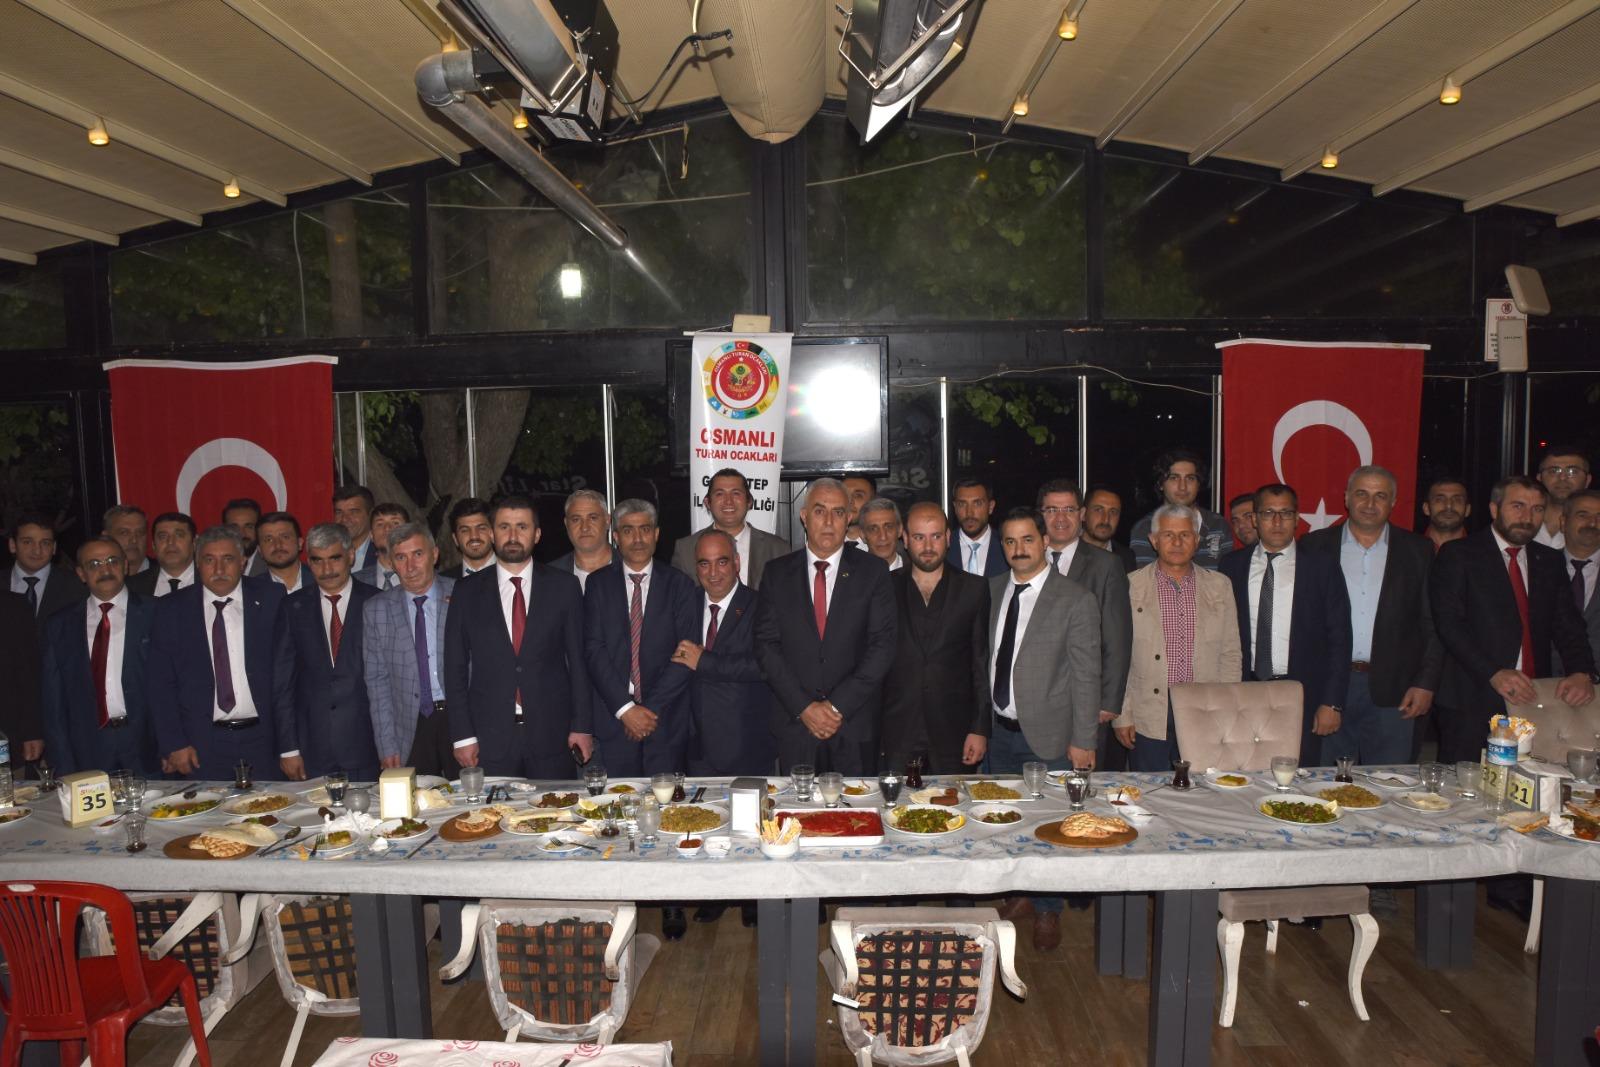 Gaziantep Osmanı Turan Ocakları kardeşlik yemeğine yoğun ilgi